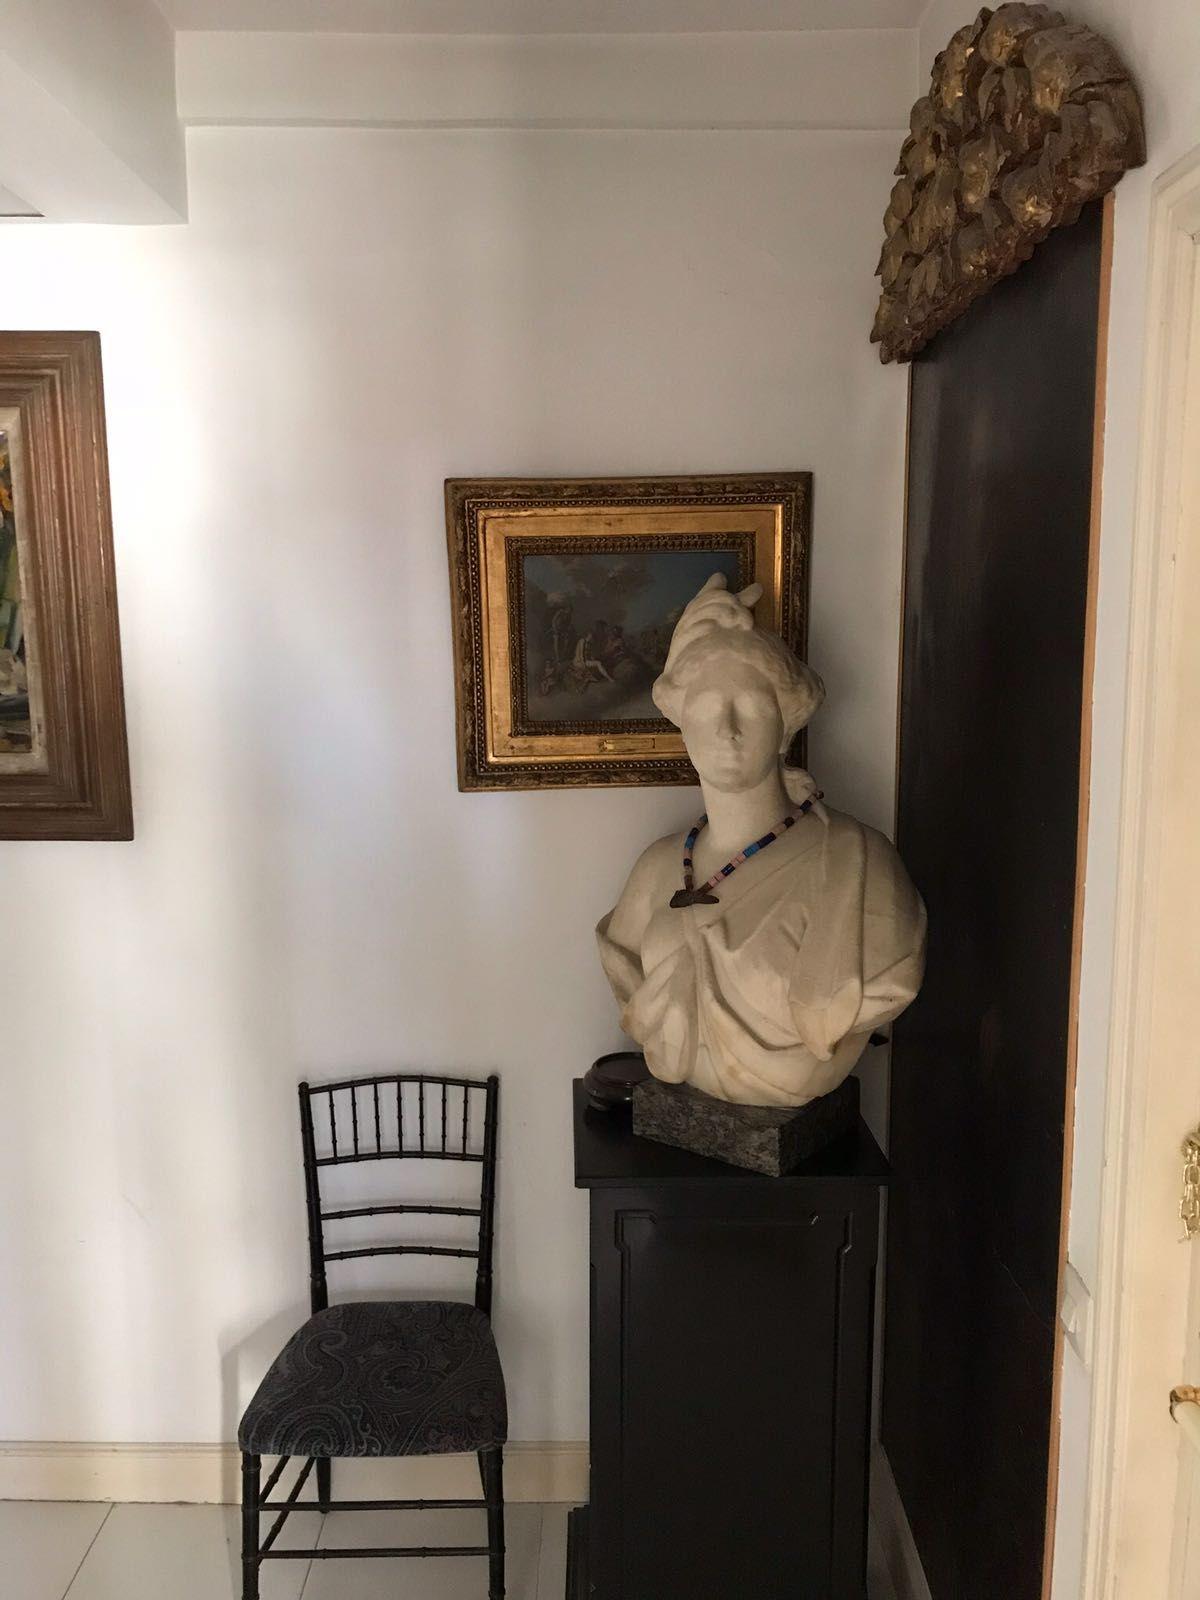 Foto 89 de Galerías de arte y salas de exposiciones en Cartagena | Arte & Antigüedades Federico Robles Perez